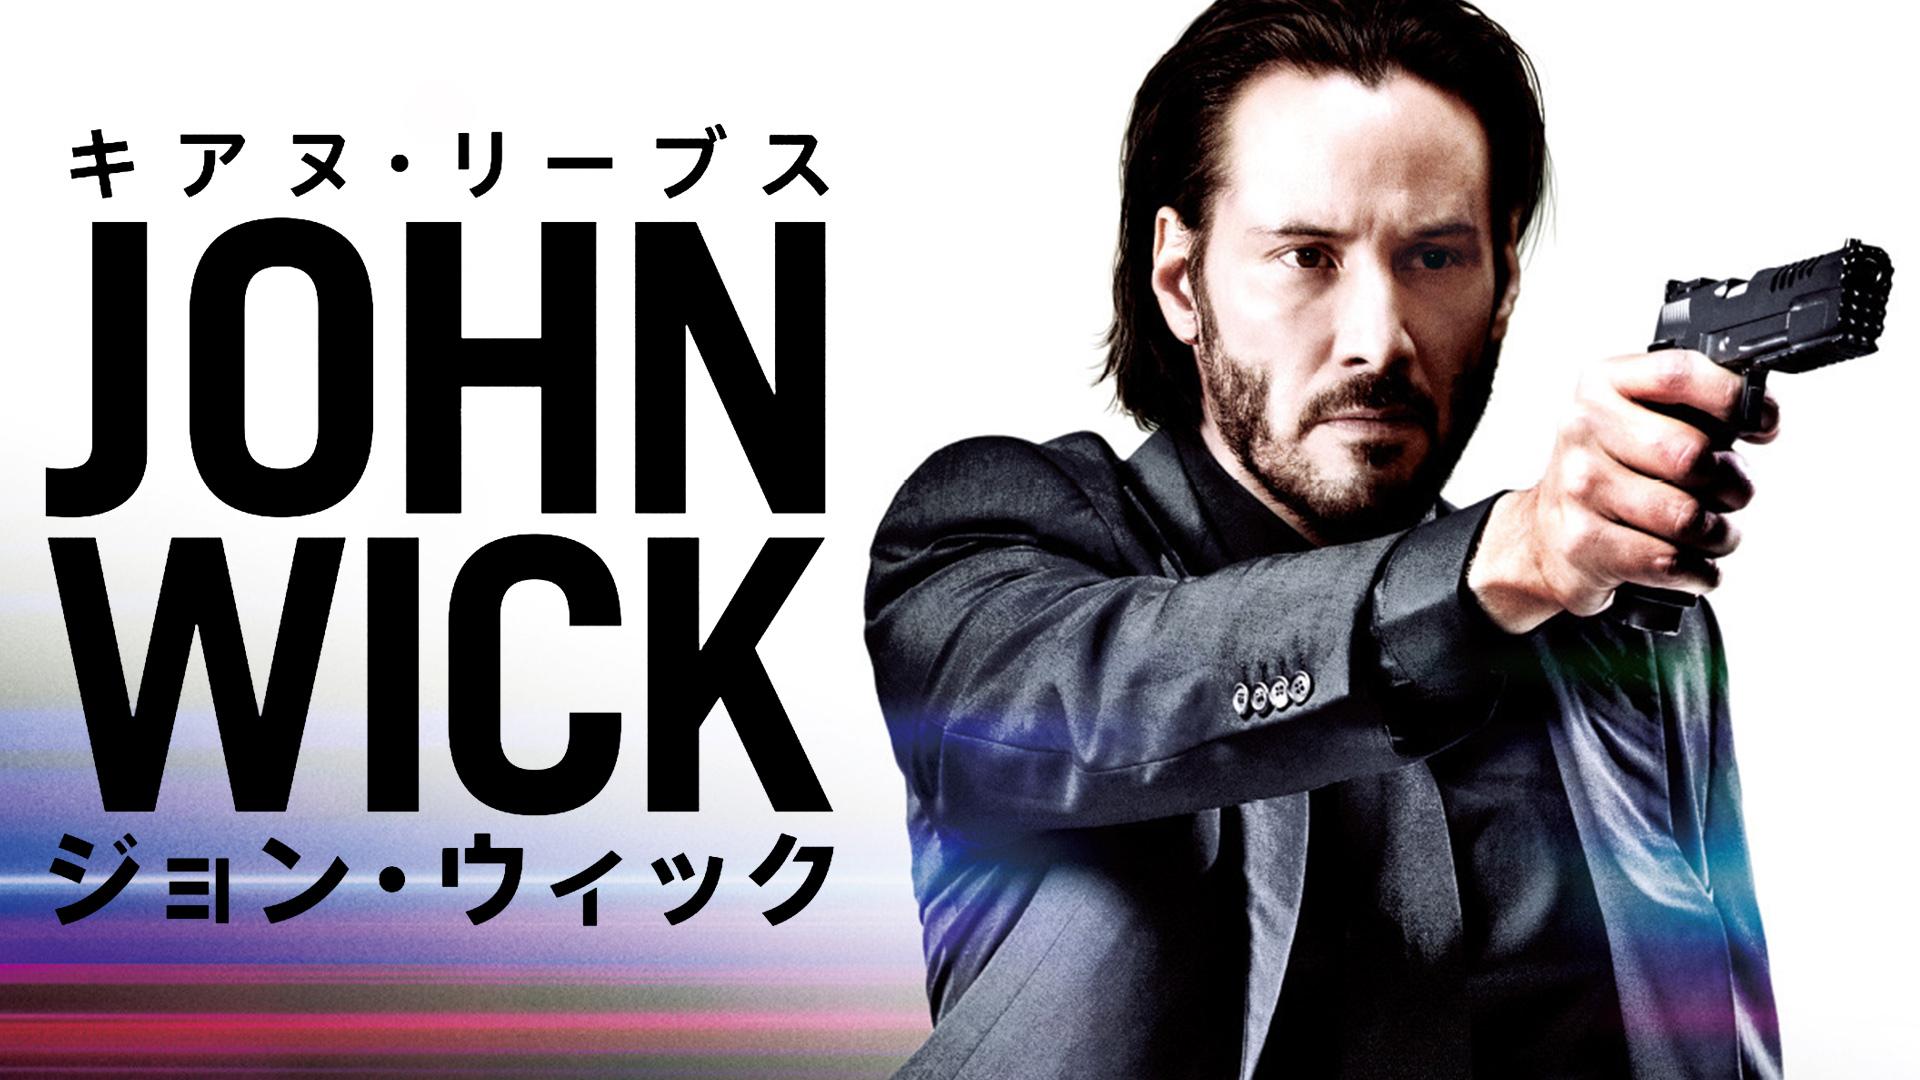 ジョン・ウィック(吹替版)